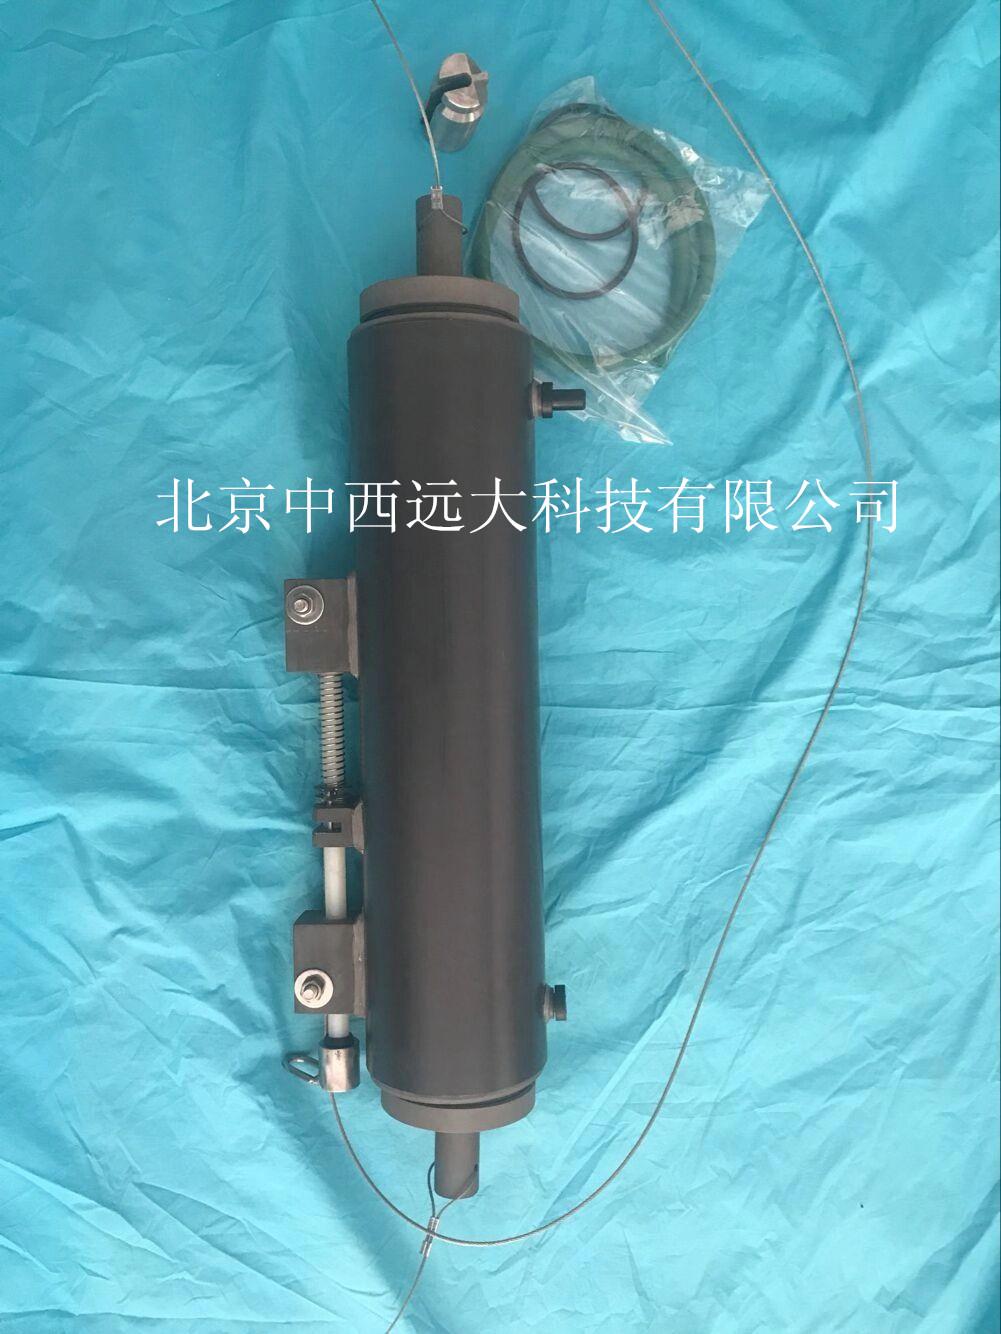 卡盖式采水器/卡盖式深水采水器/横式采水器 5L 中西器材KH055-QCC15-5